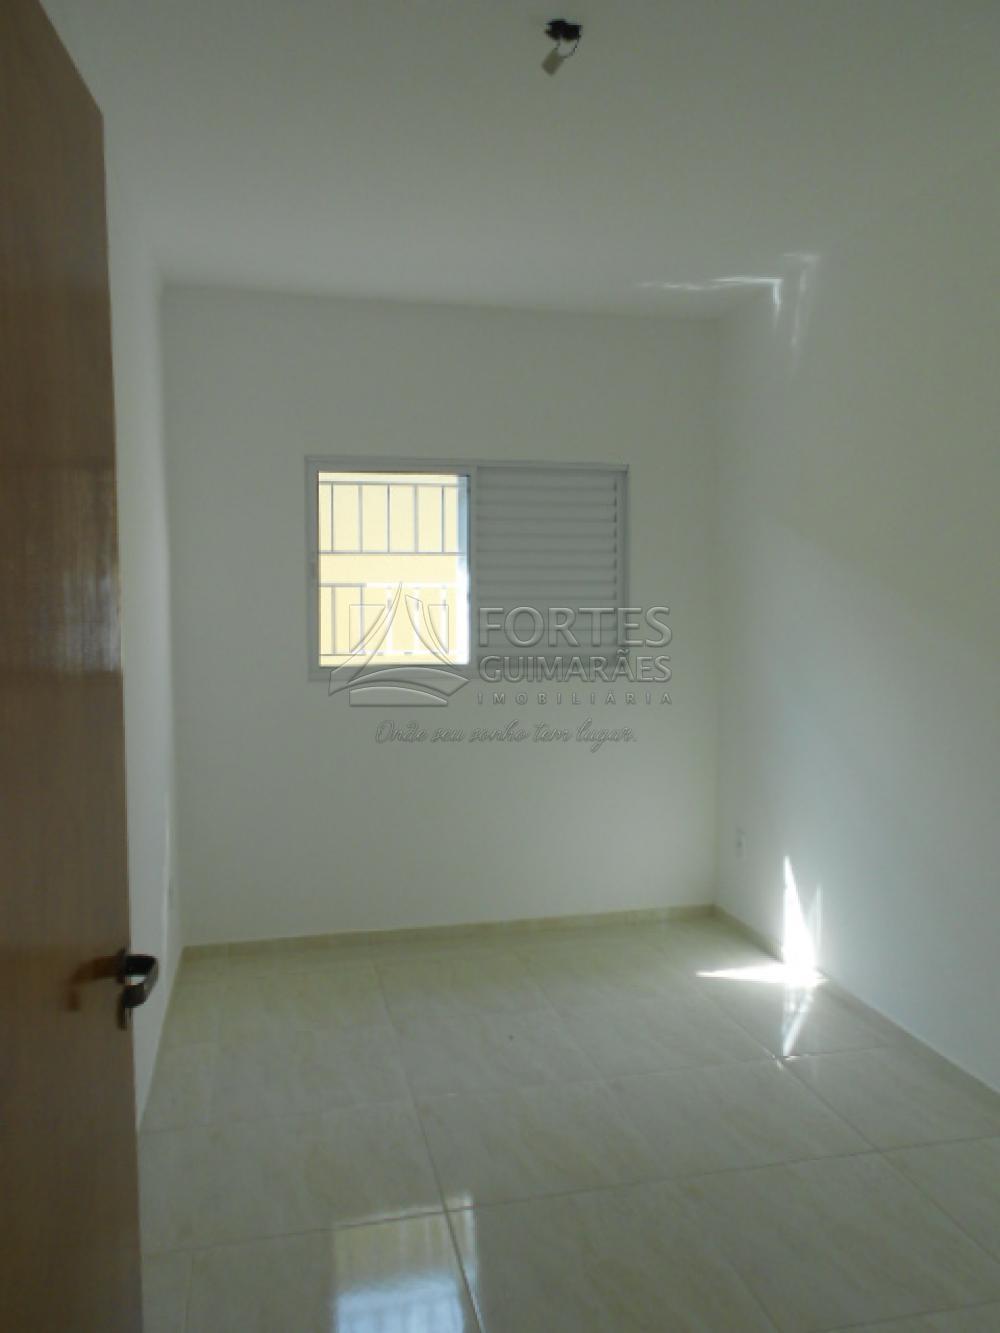 Alugar Casas / Padrão em Bonfim Paulista apenas R$ 1.300,00 - Foto 12